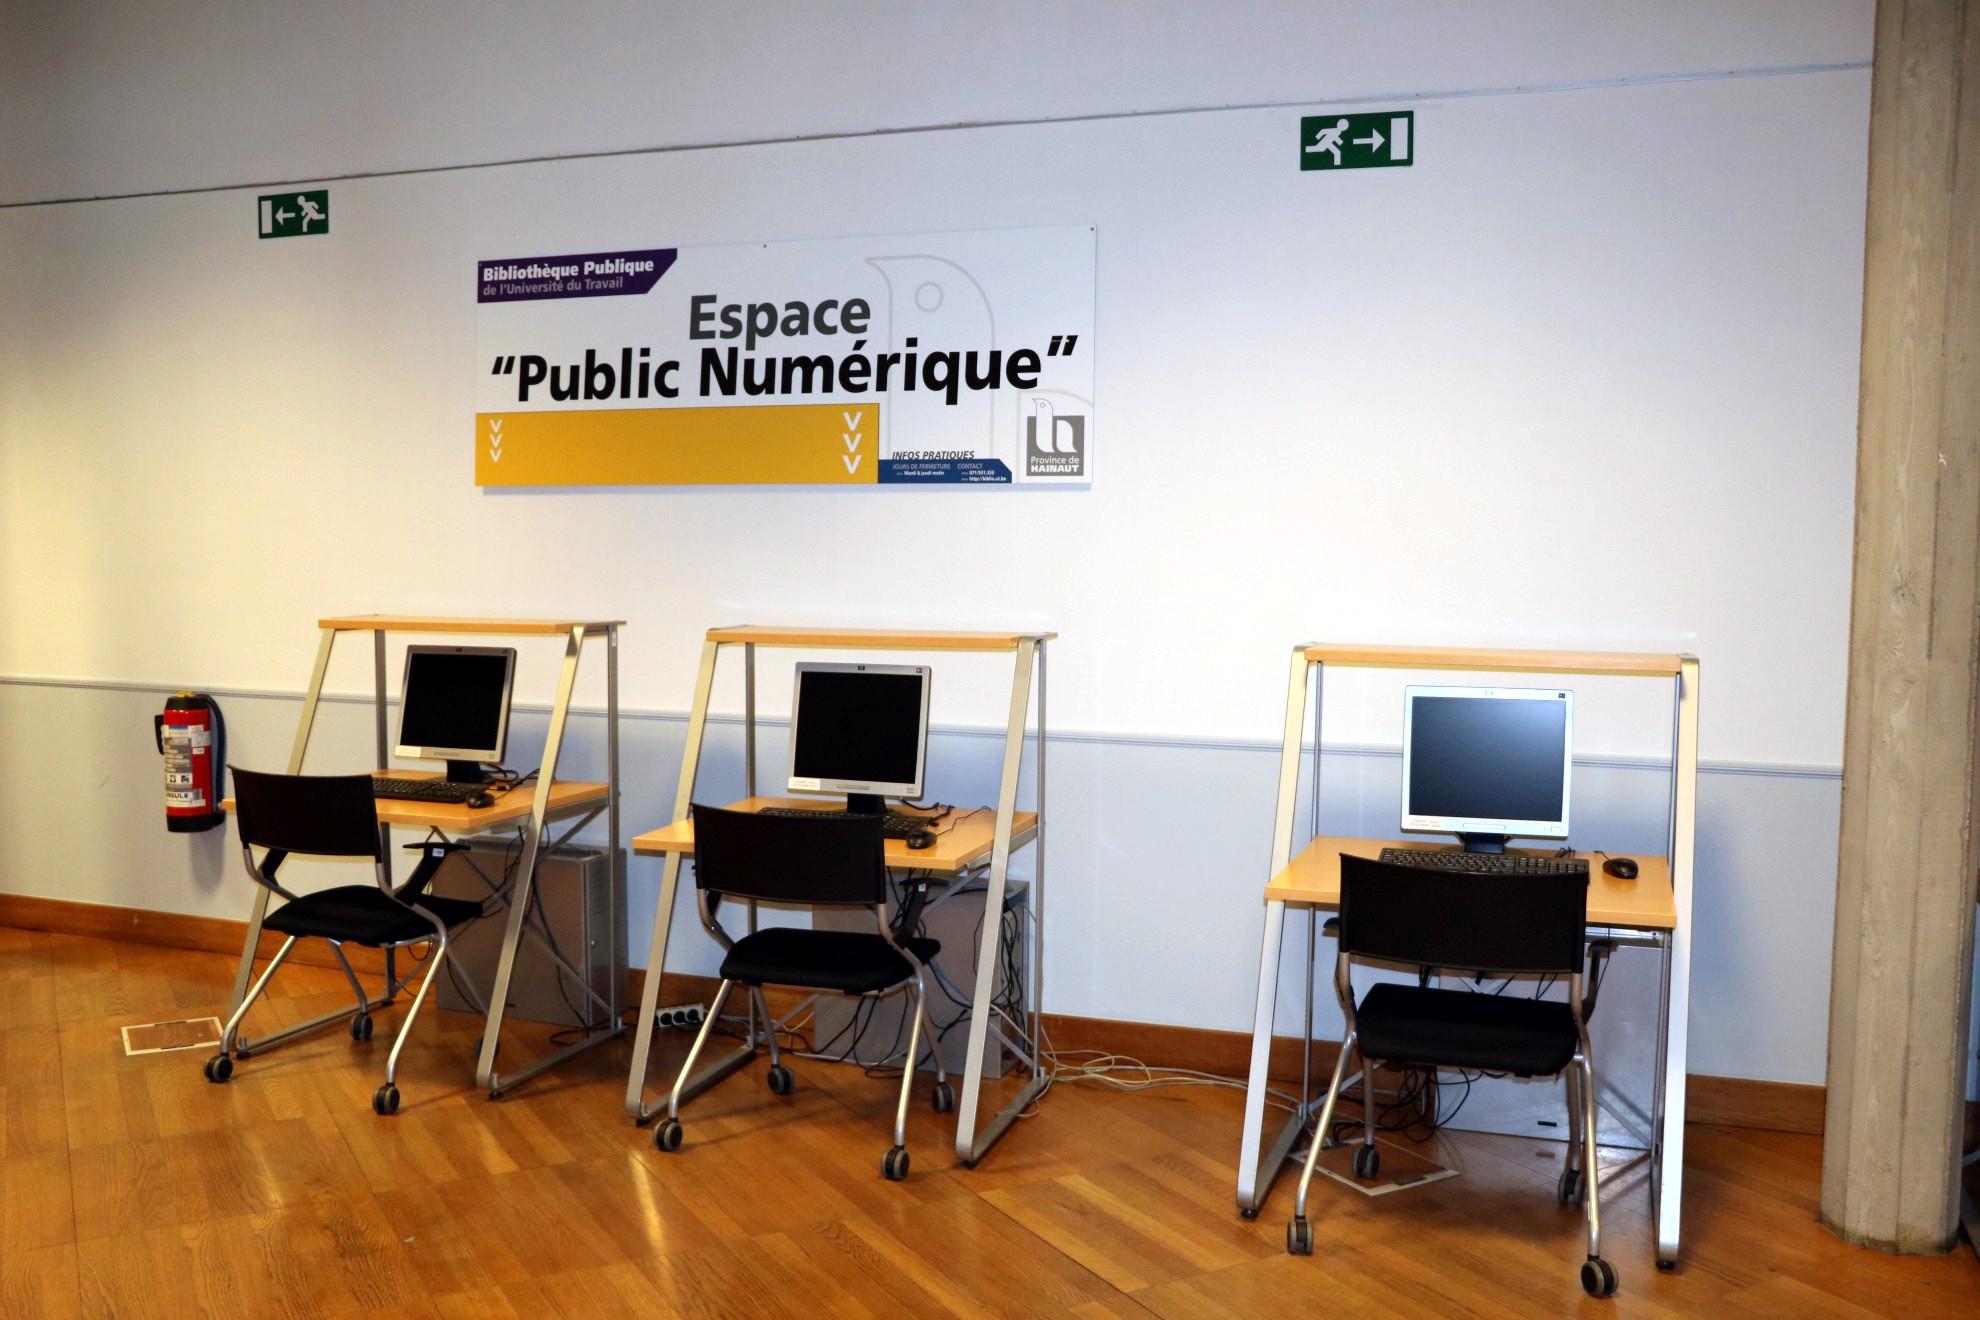 Espace public numérique la la bibliothèque Langlois